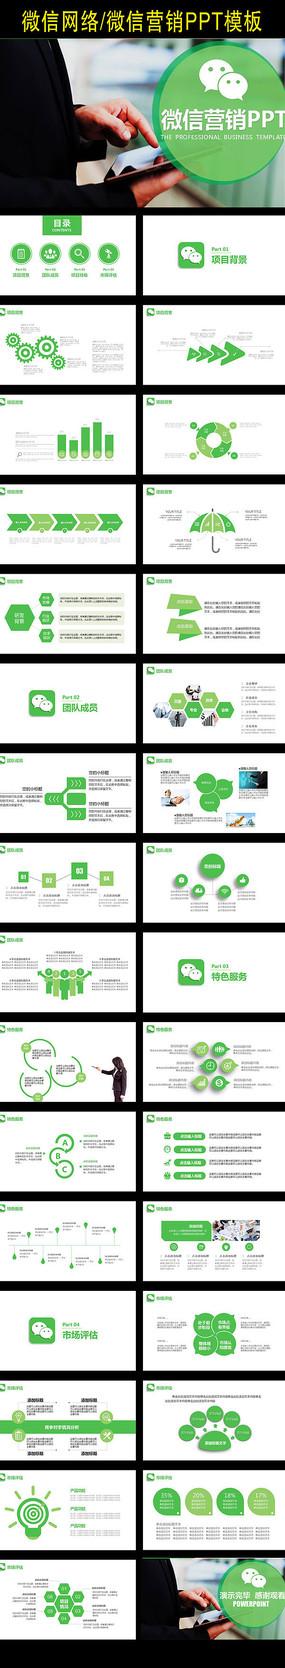 创意简约微商营销微信PPT